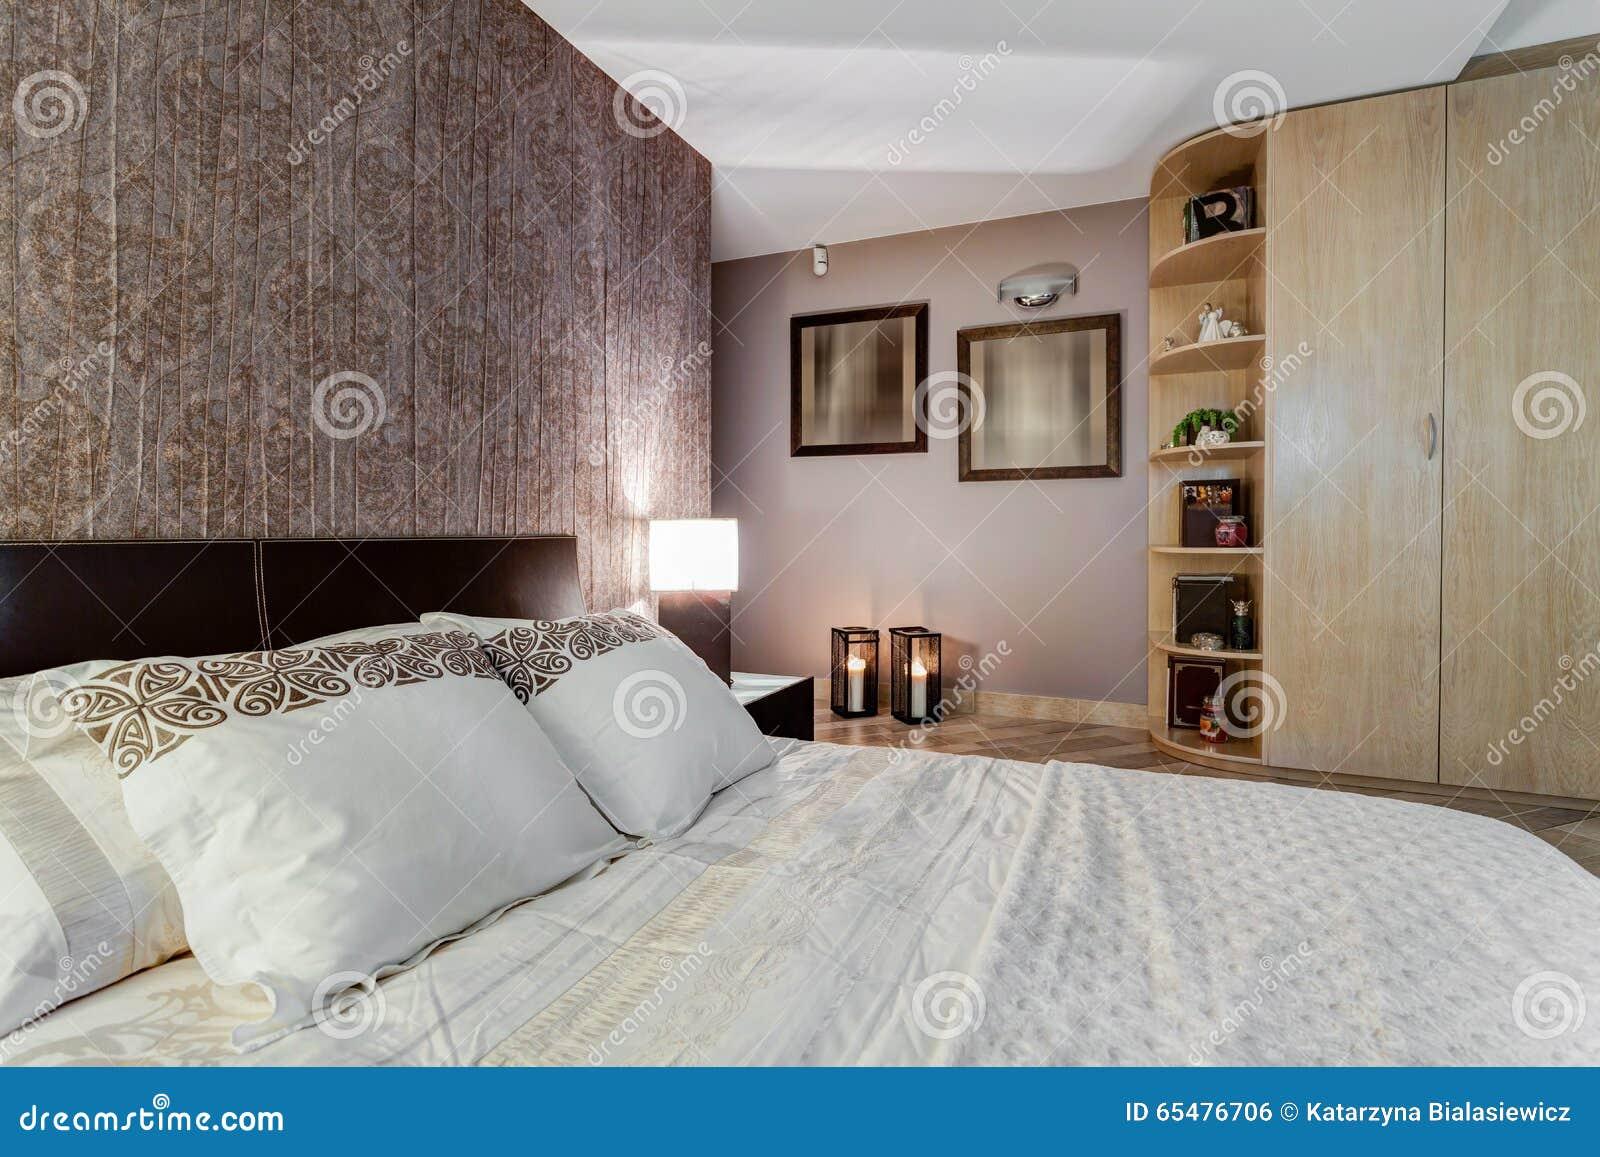 Liebenswert Schlafzimmer Orientalisch Das Beste Von Gemütliches Mit Orientalischen Akzenten